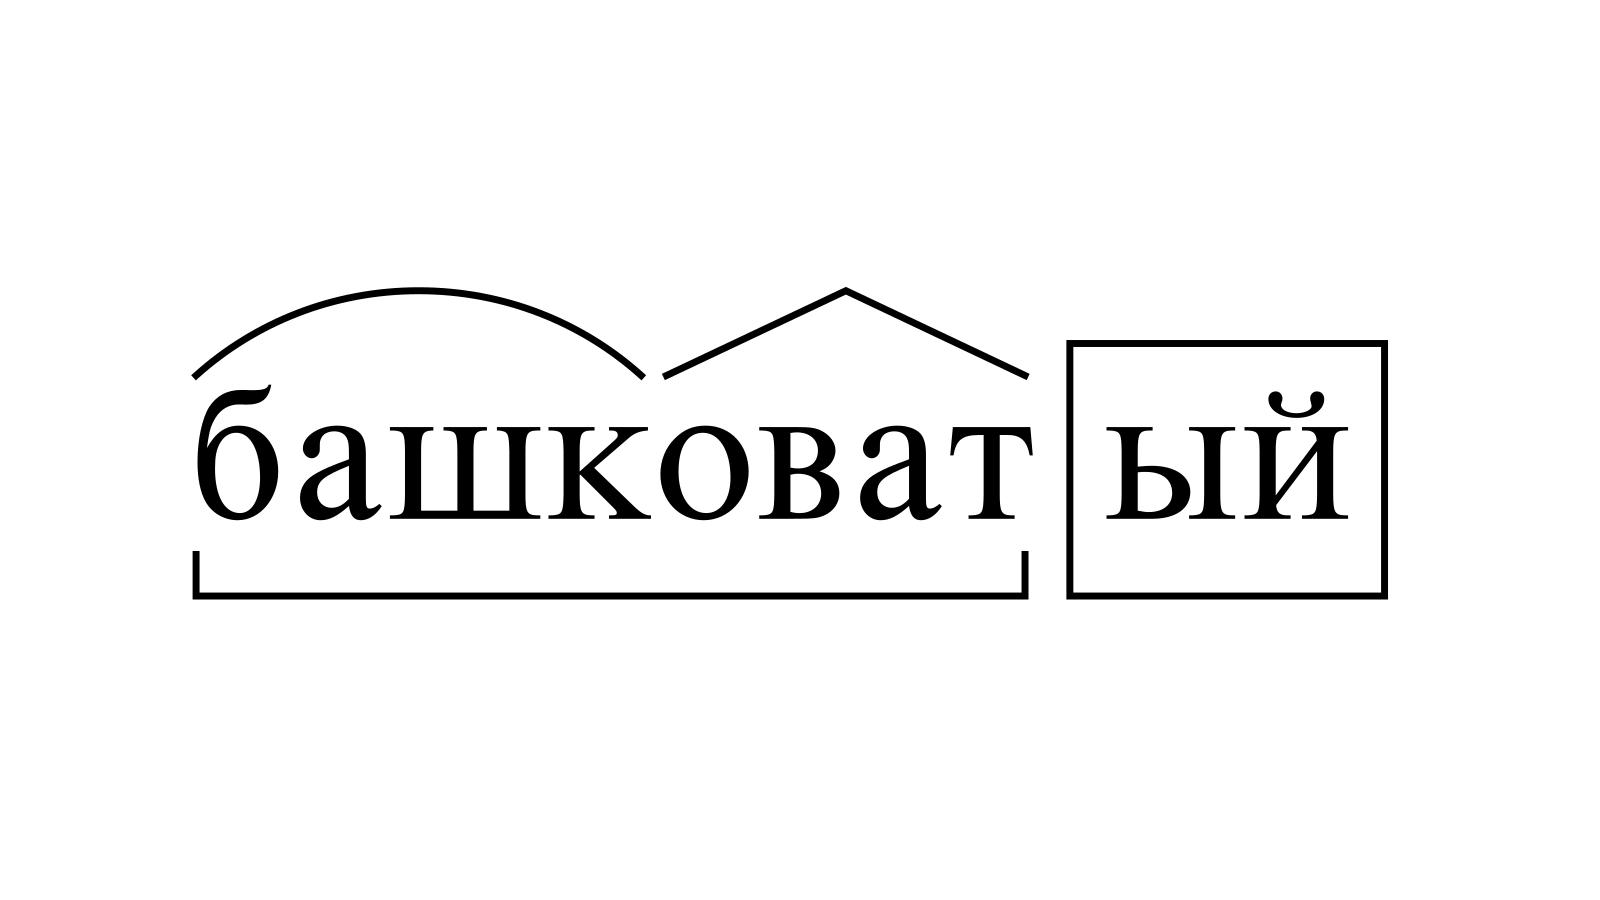 Разбор слова «башковатый» по составу